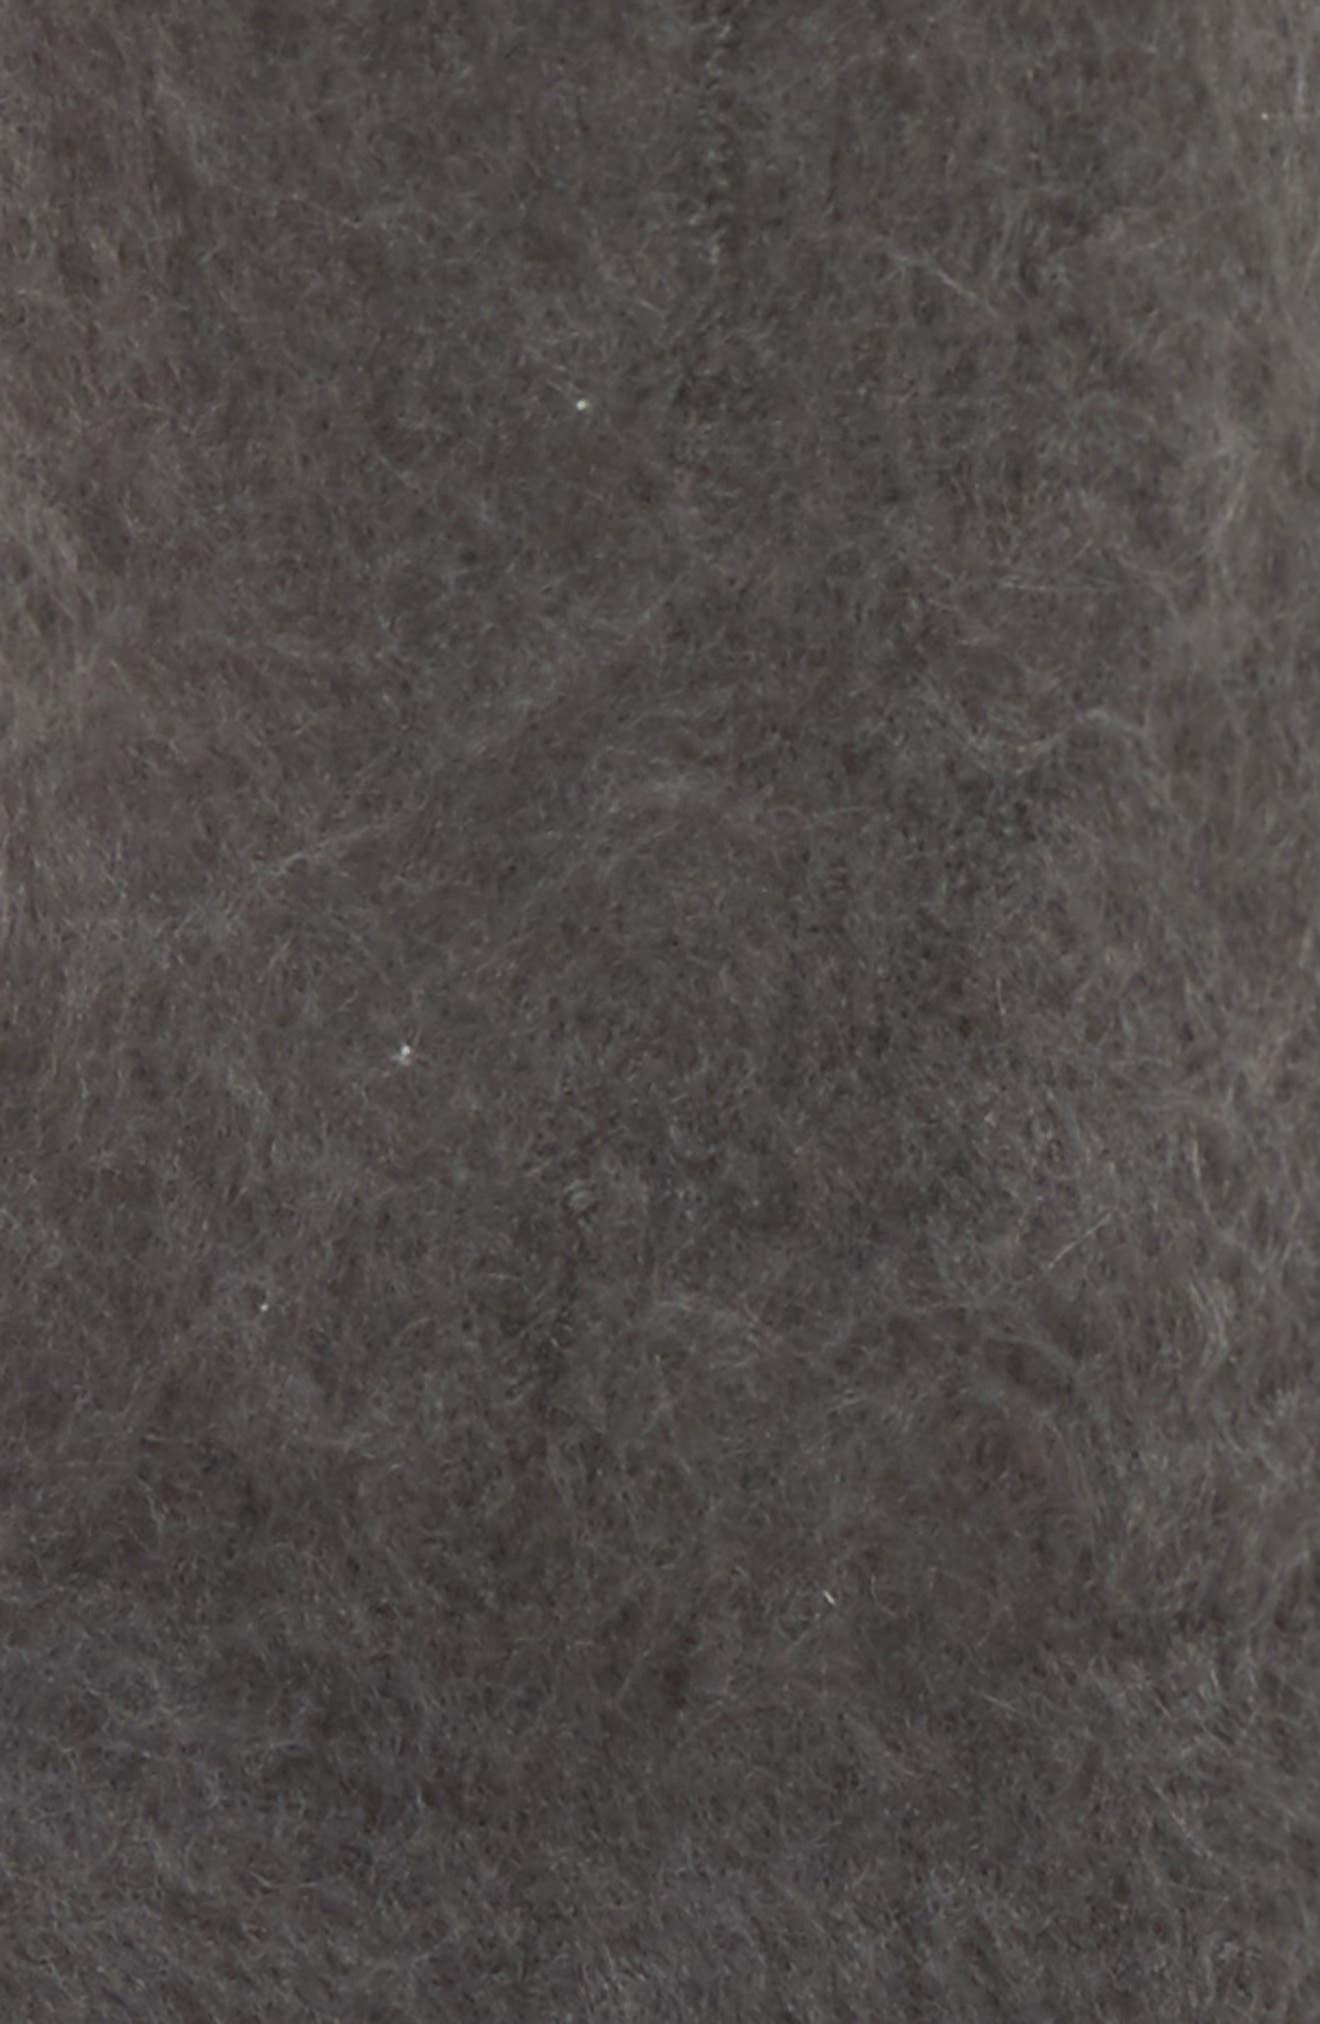 Winter Fog Socks,                             Alternate thumbnail 2, color,                             Graphite